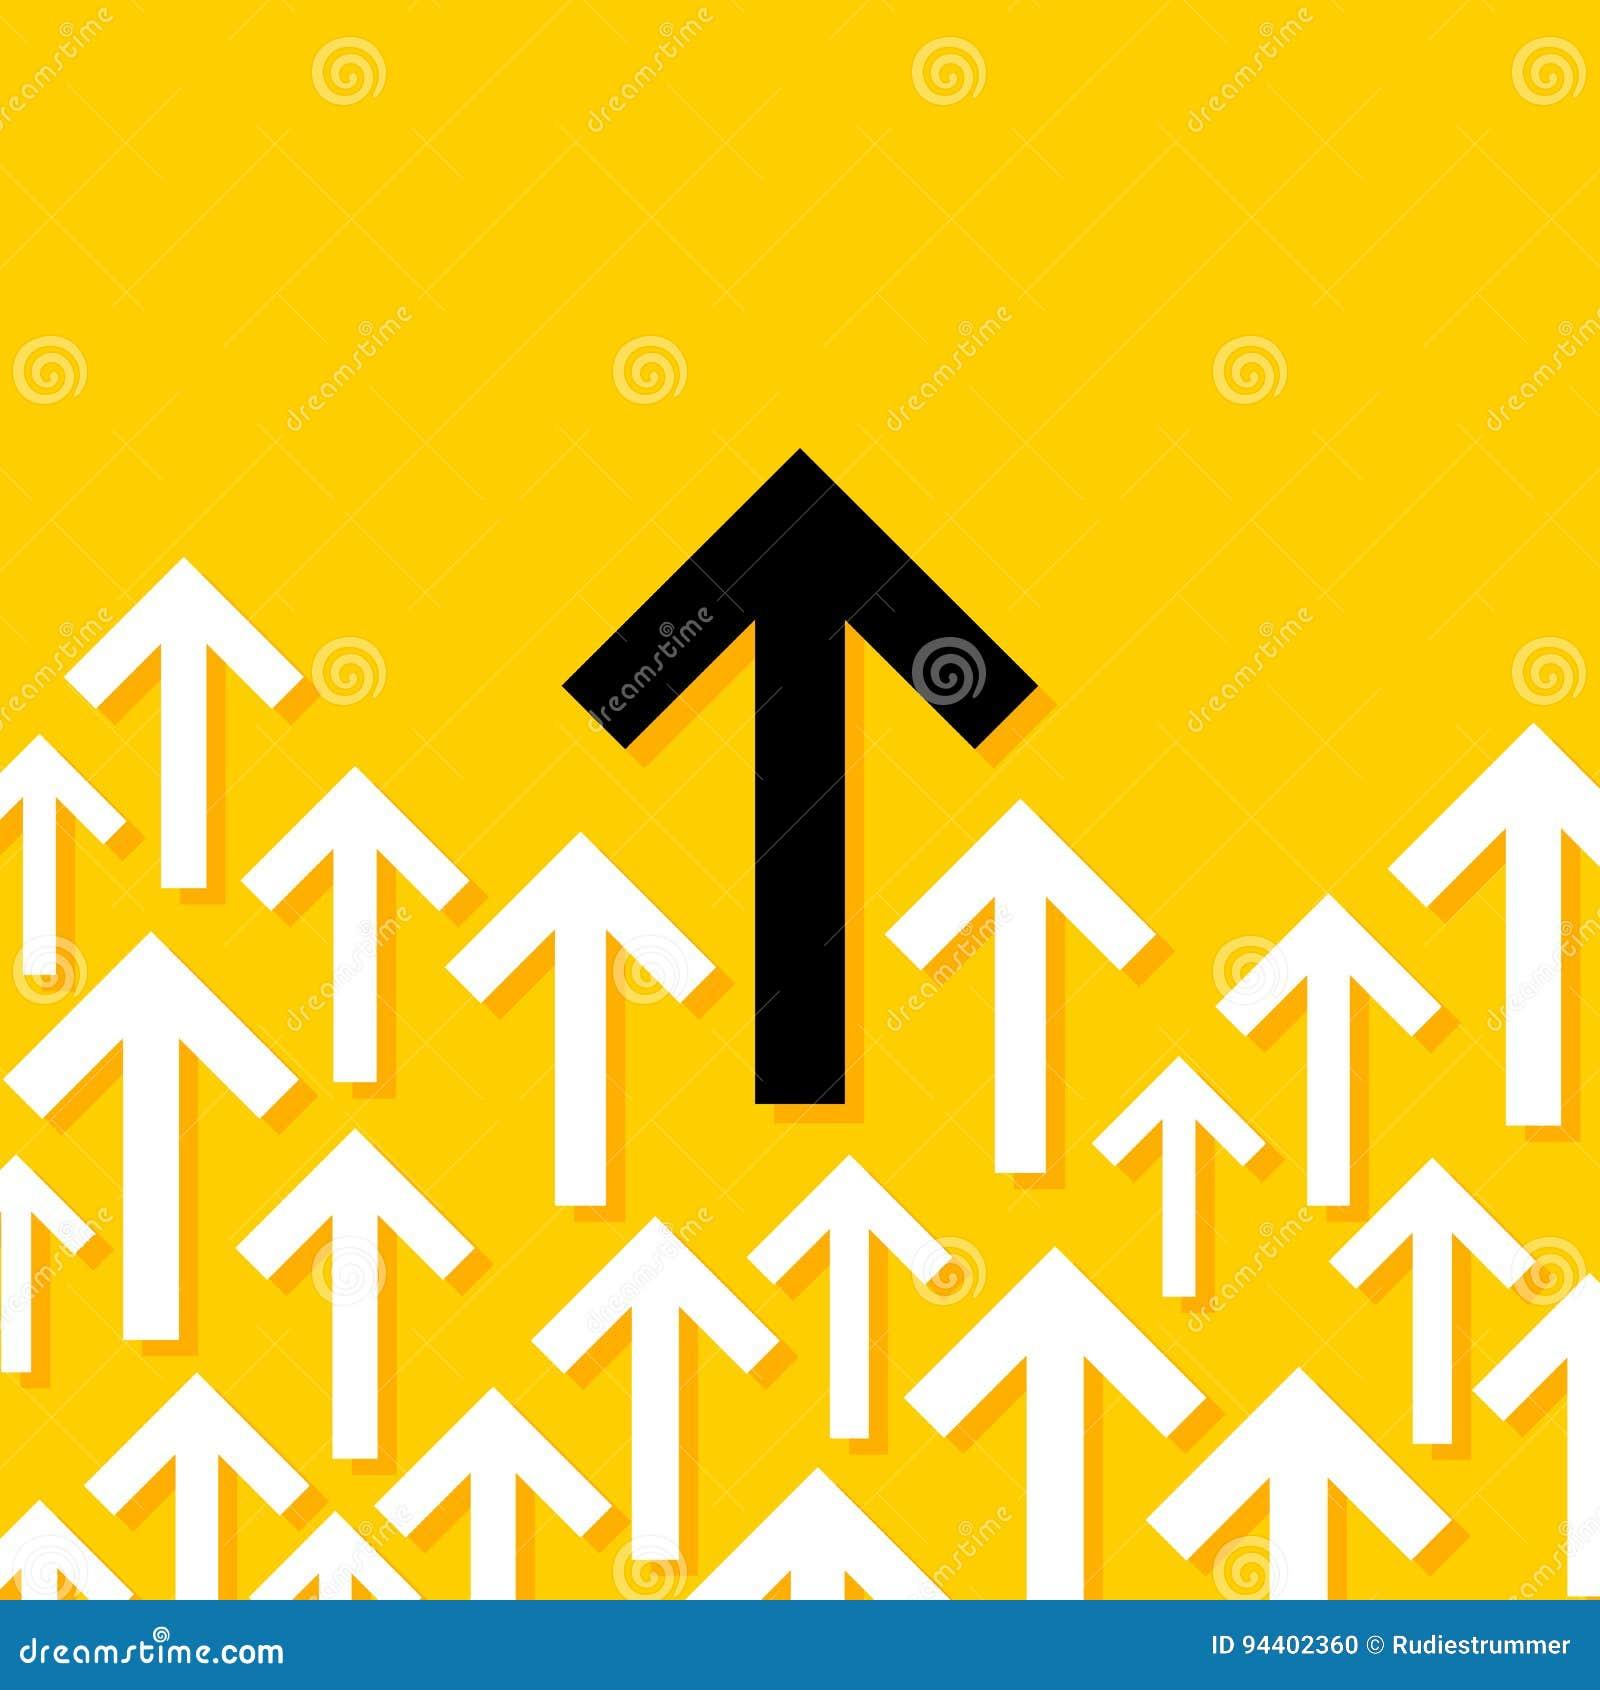 Abstracte conceptuele illustratie die van witte en zwarte pijlen in één richting wijzen